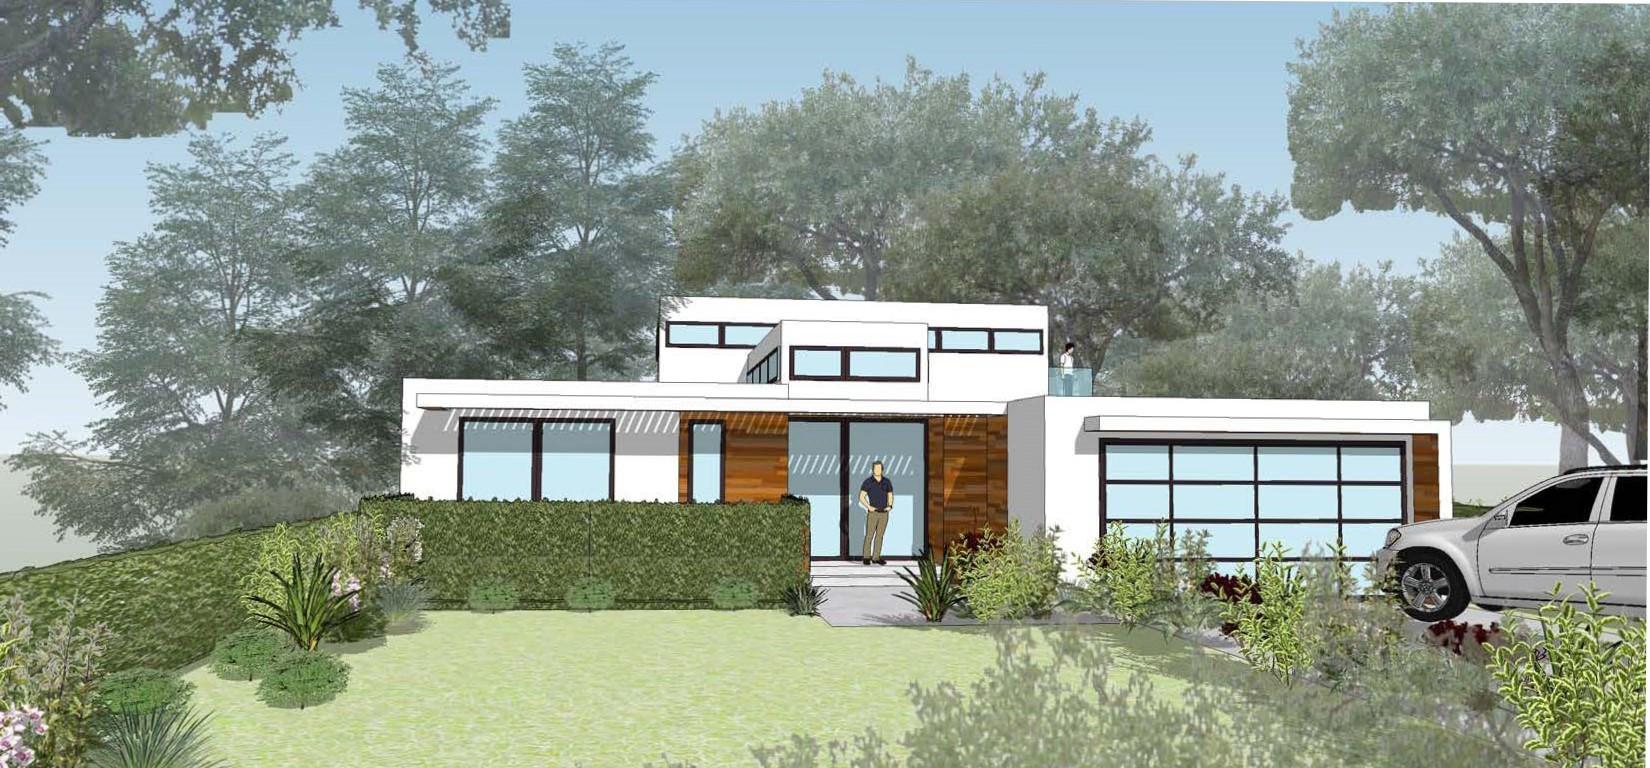 Mid-Century Modern Residence in Glendale